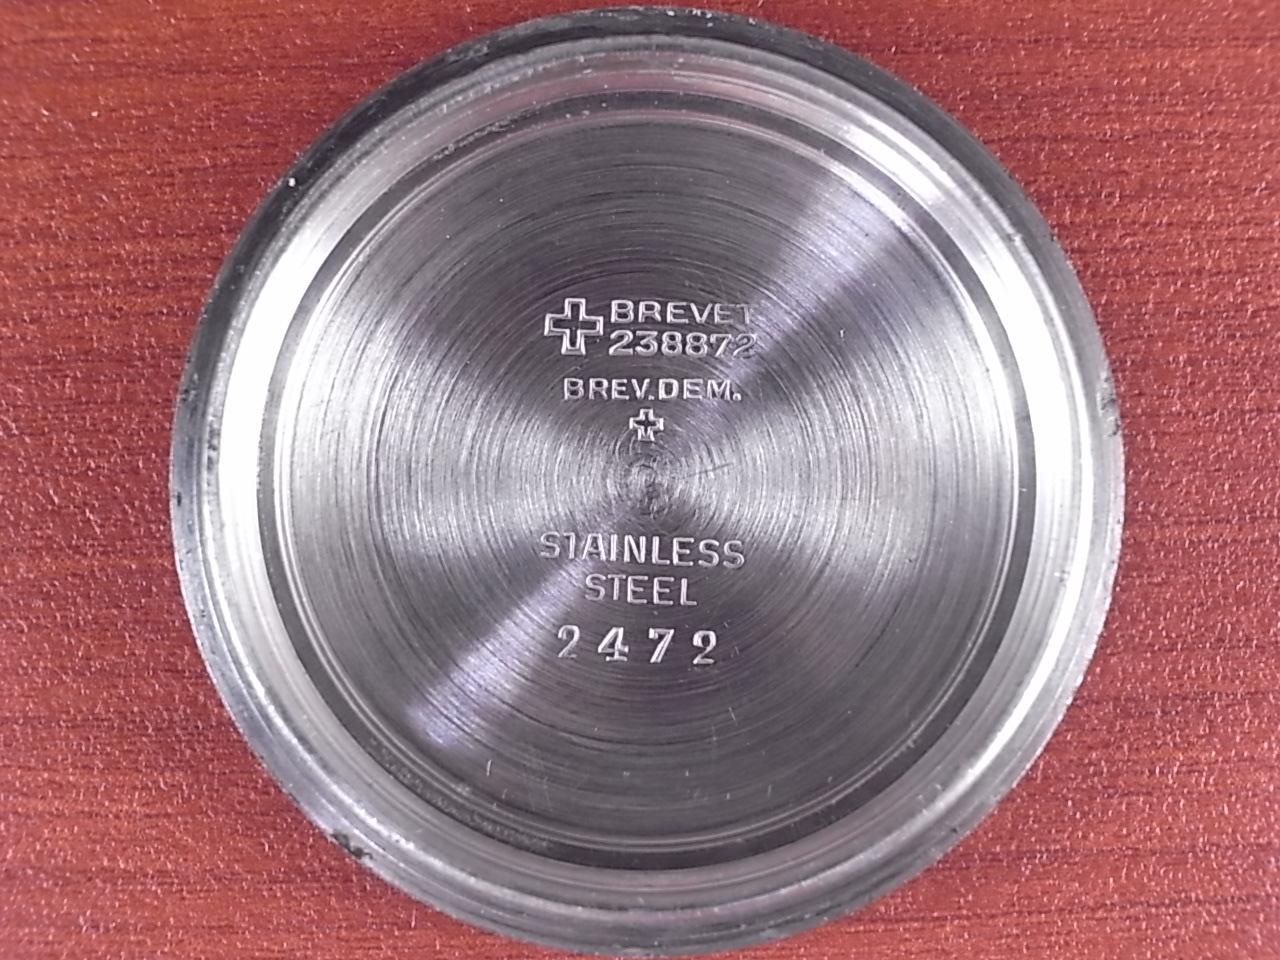 テクノス スカイダイバー 30JEWEL 尾錠・BOX付 1960年代の写真6枚目